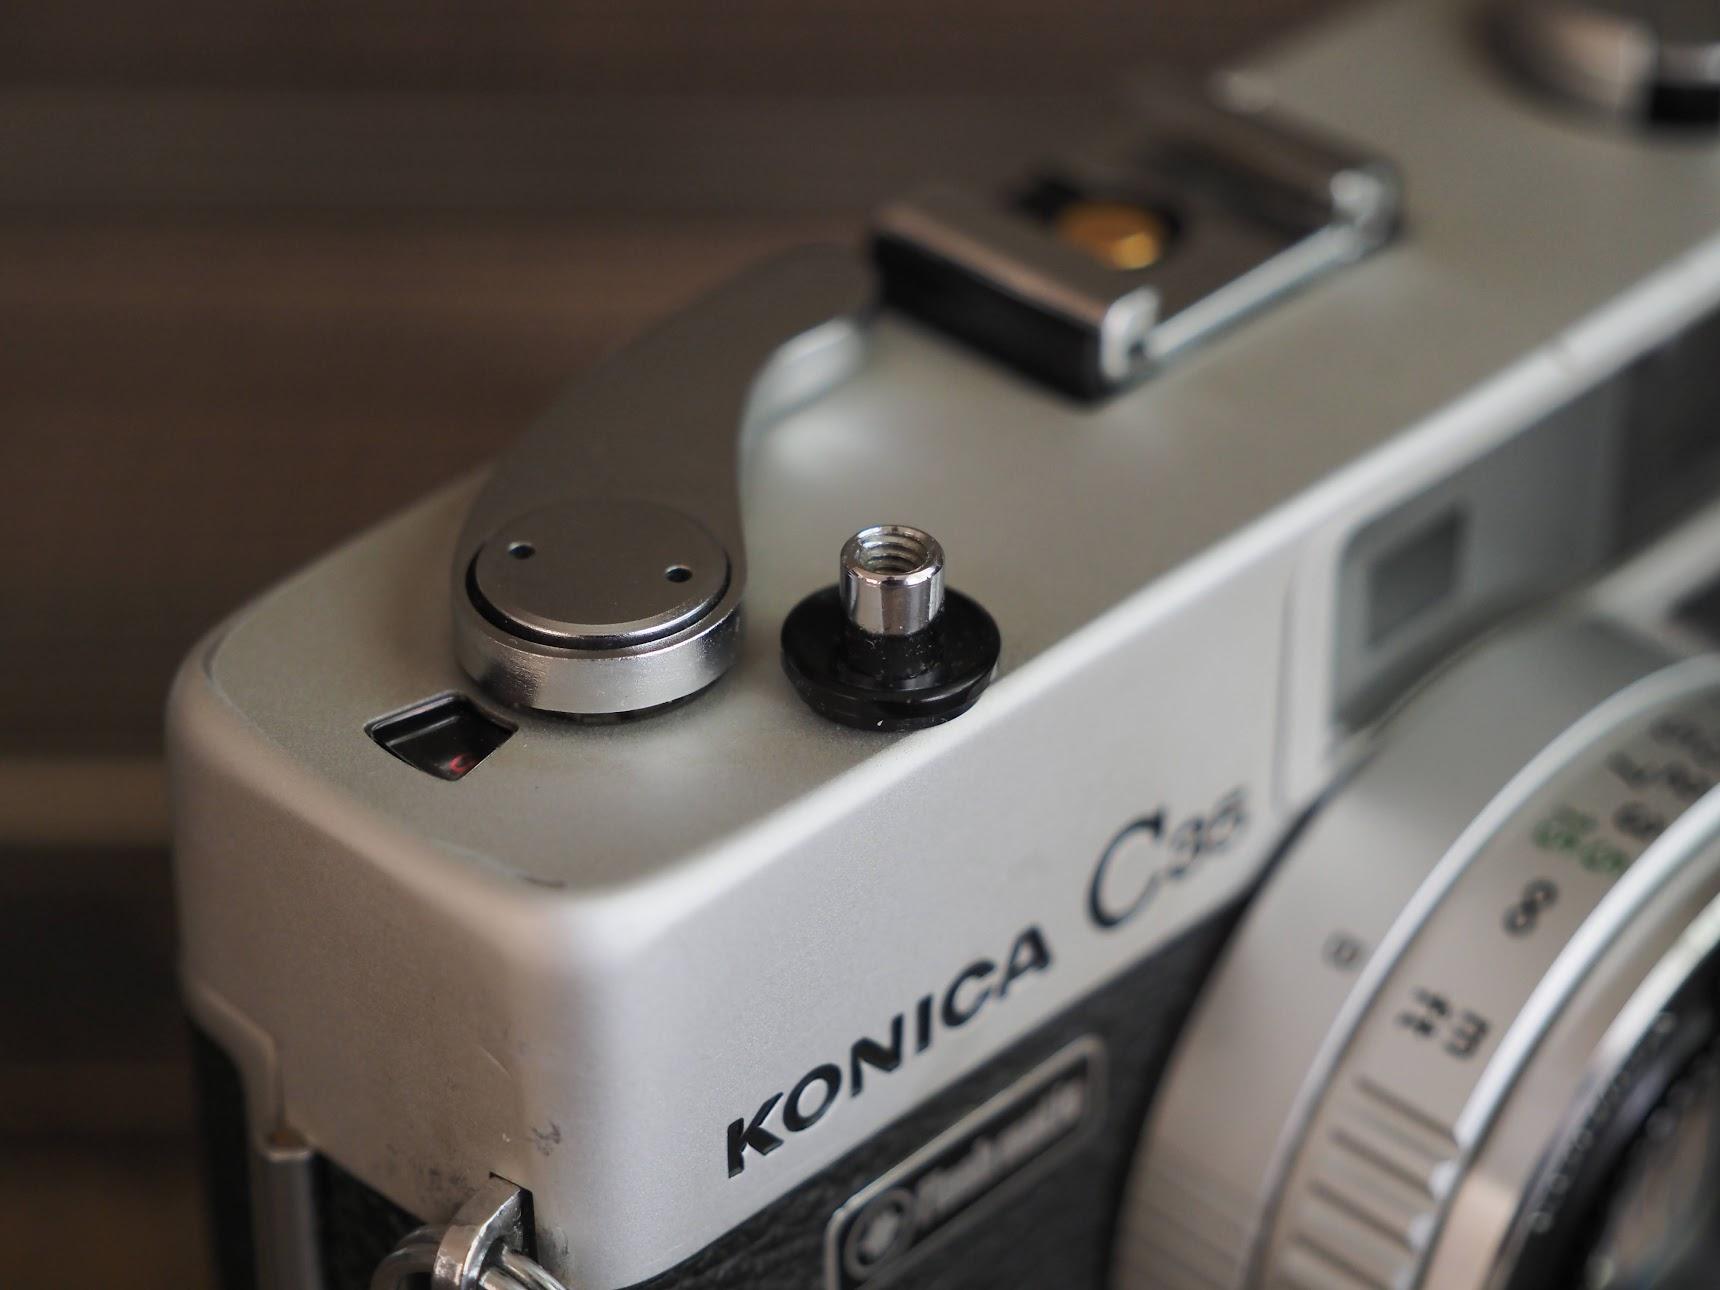 コニカC35のシャッターボタン